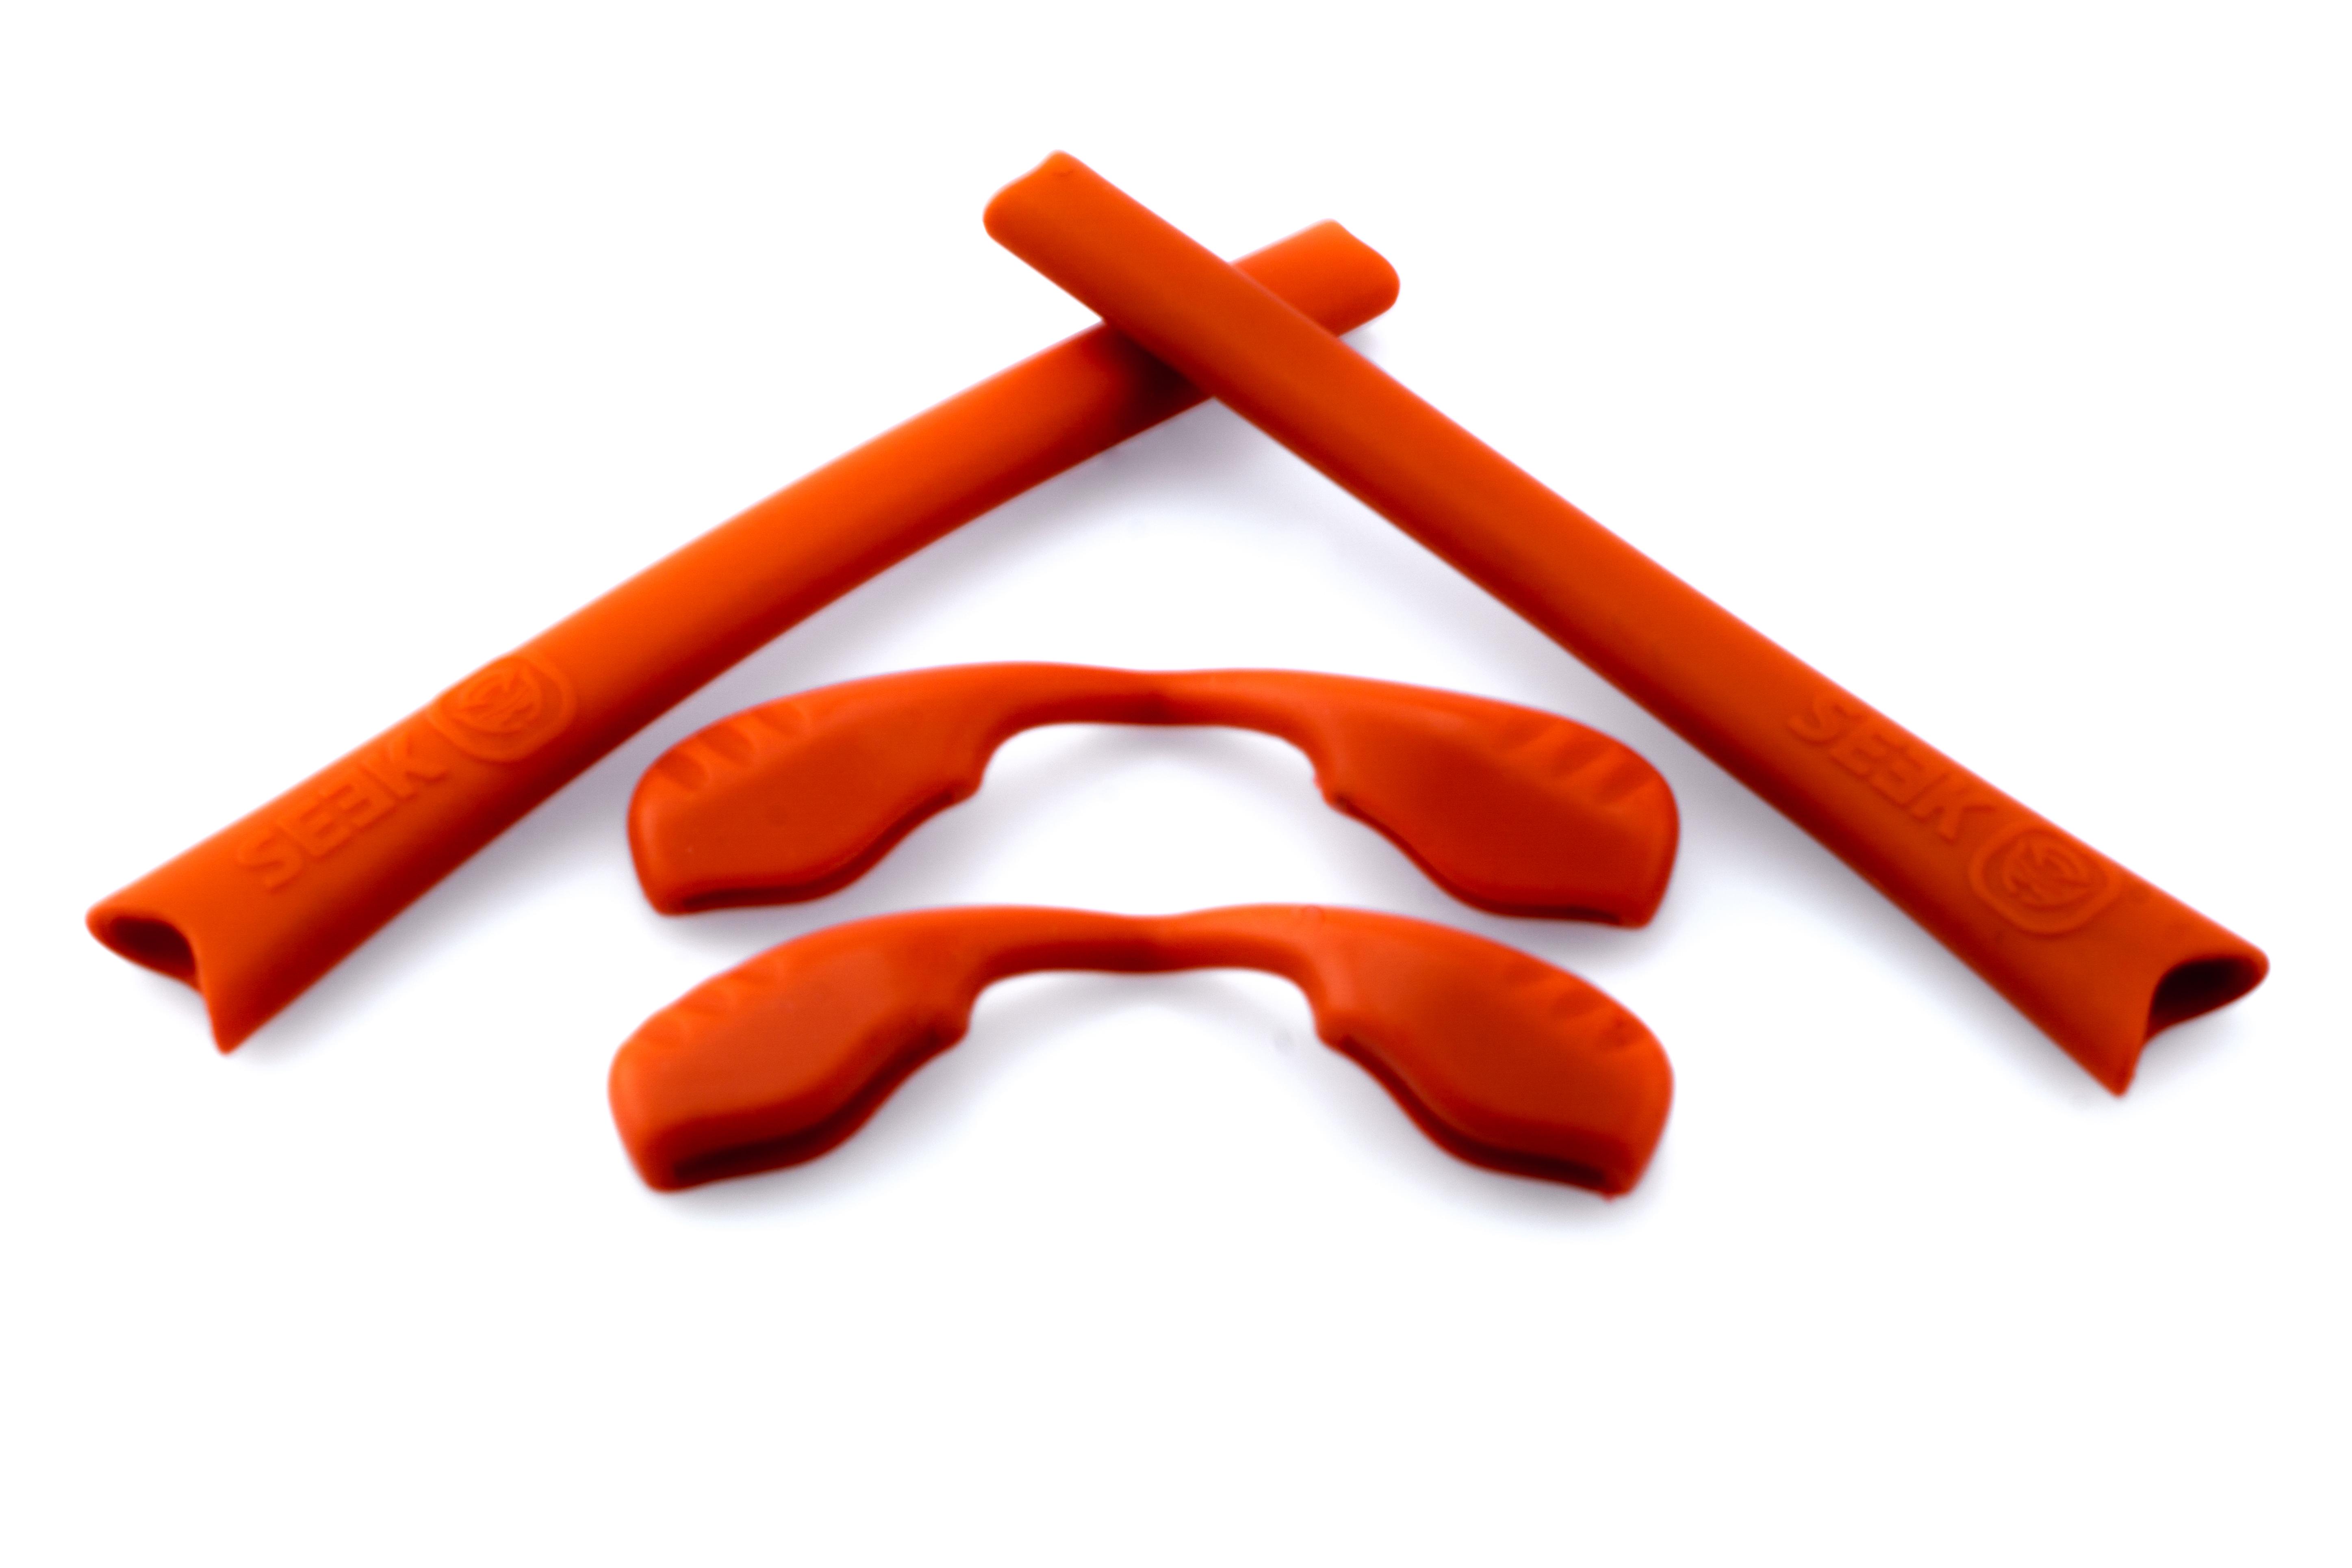 a53e48f6e4b RADAR EDGE Accessories Kit Earsocks Nosepads Red by SEEK fits OAKLEY ...